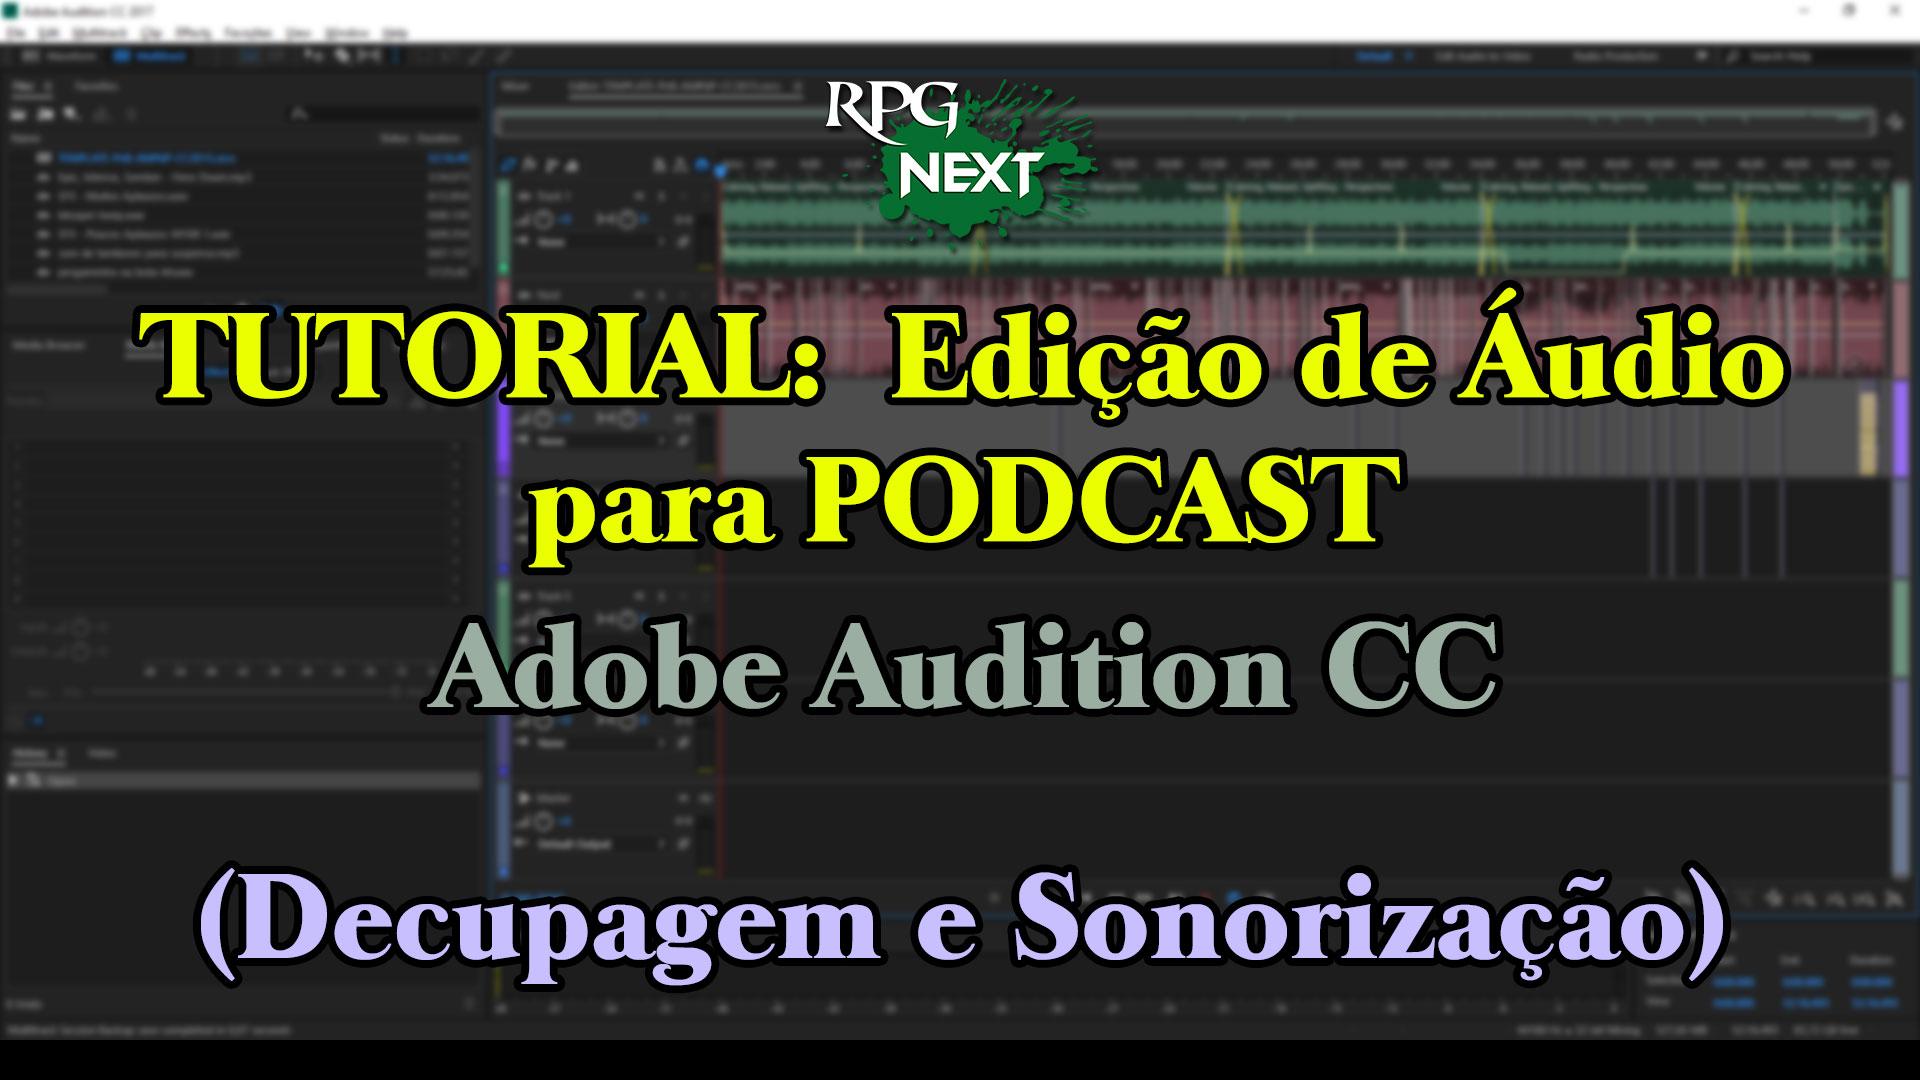 Tutorial Edição de Áudio para Podcast - Adobe Audition CC - Decupagem e Sonorização